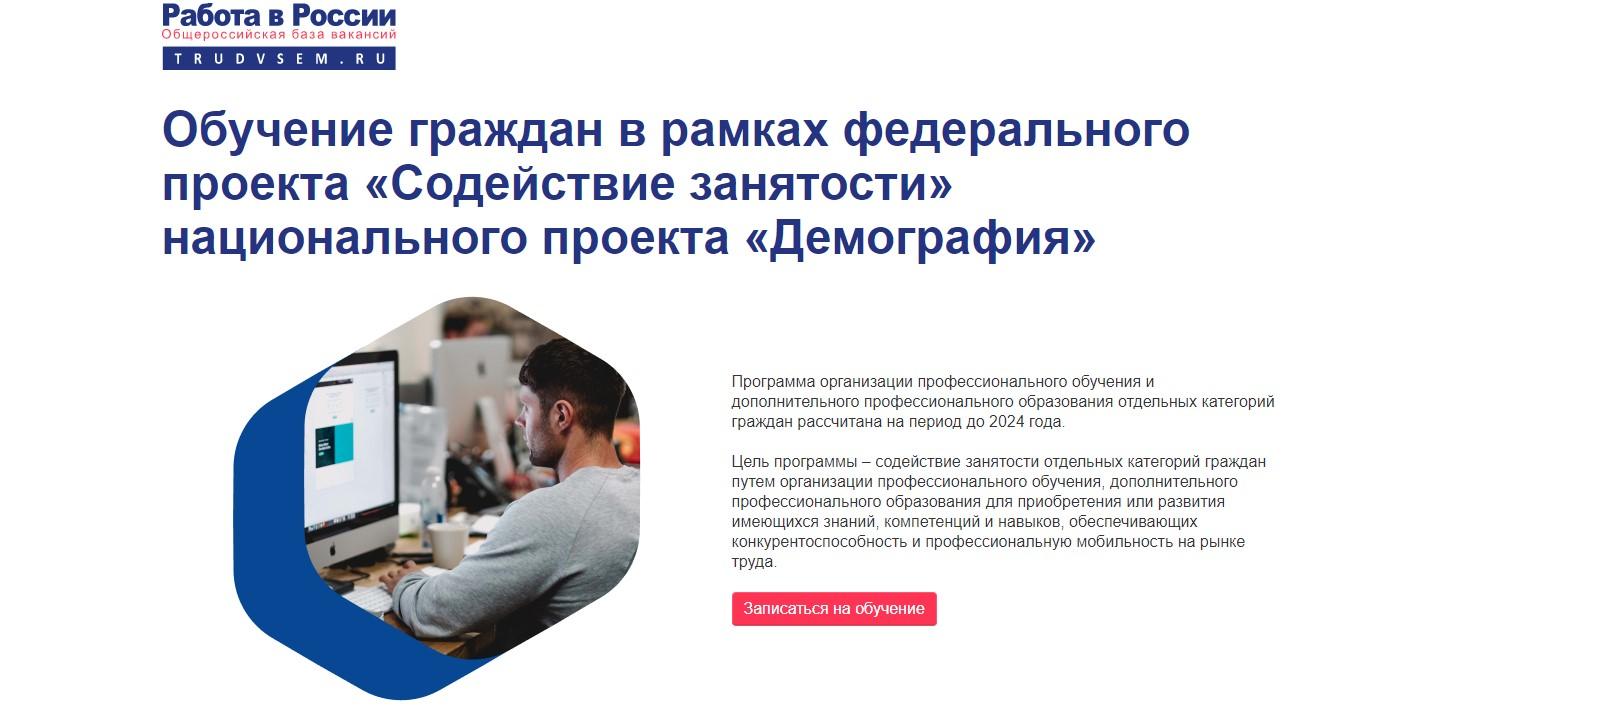 Обучение граждан в рамках федерального проекта «Содействие занятости» национального проекта «Демография» в Белгородской области